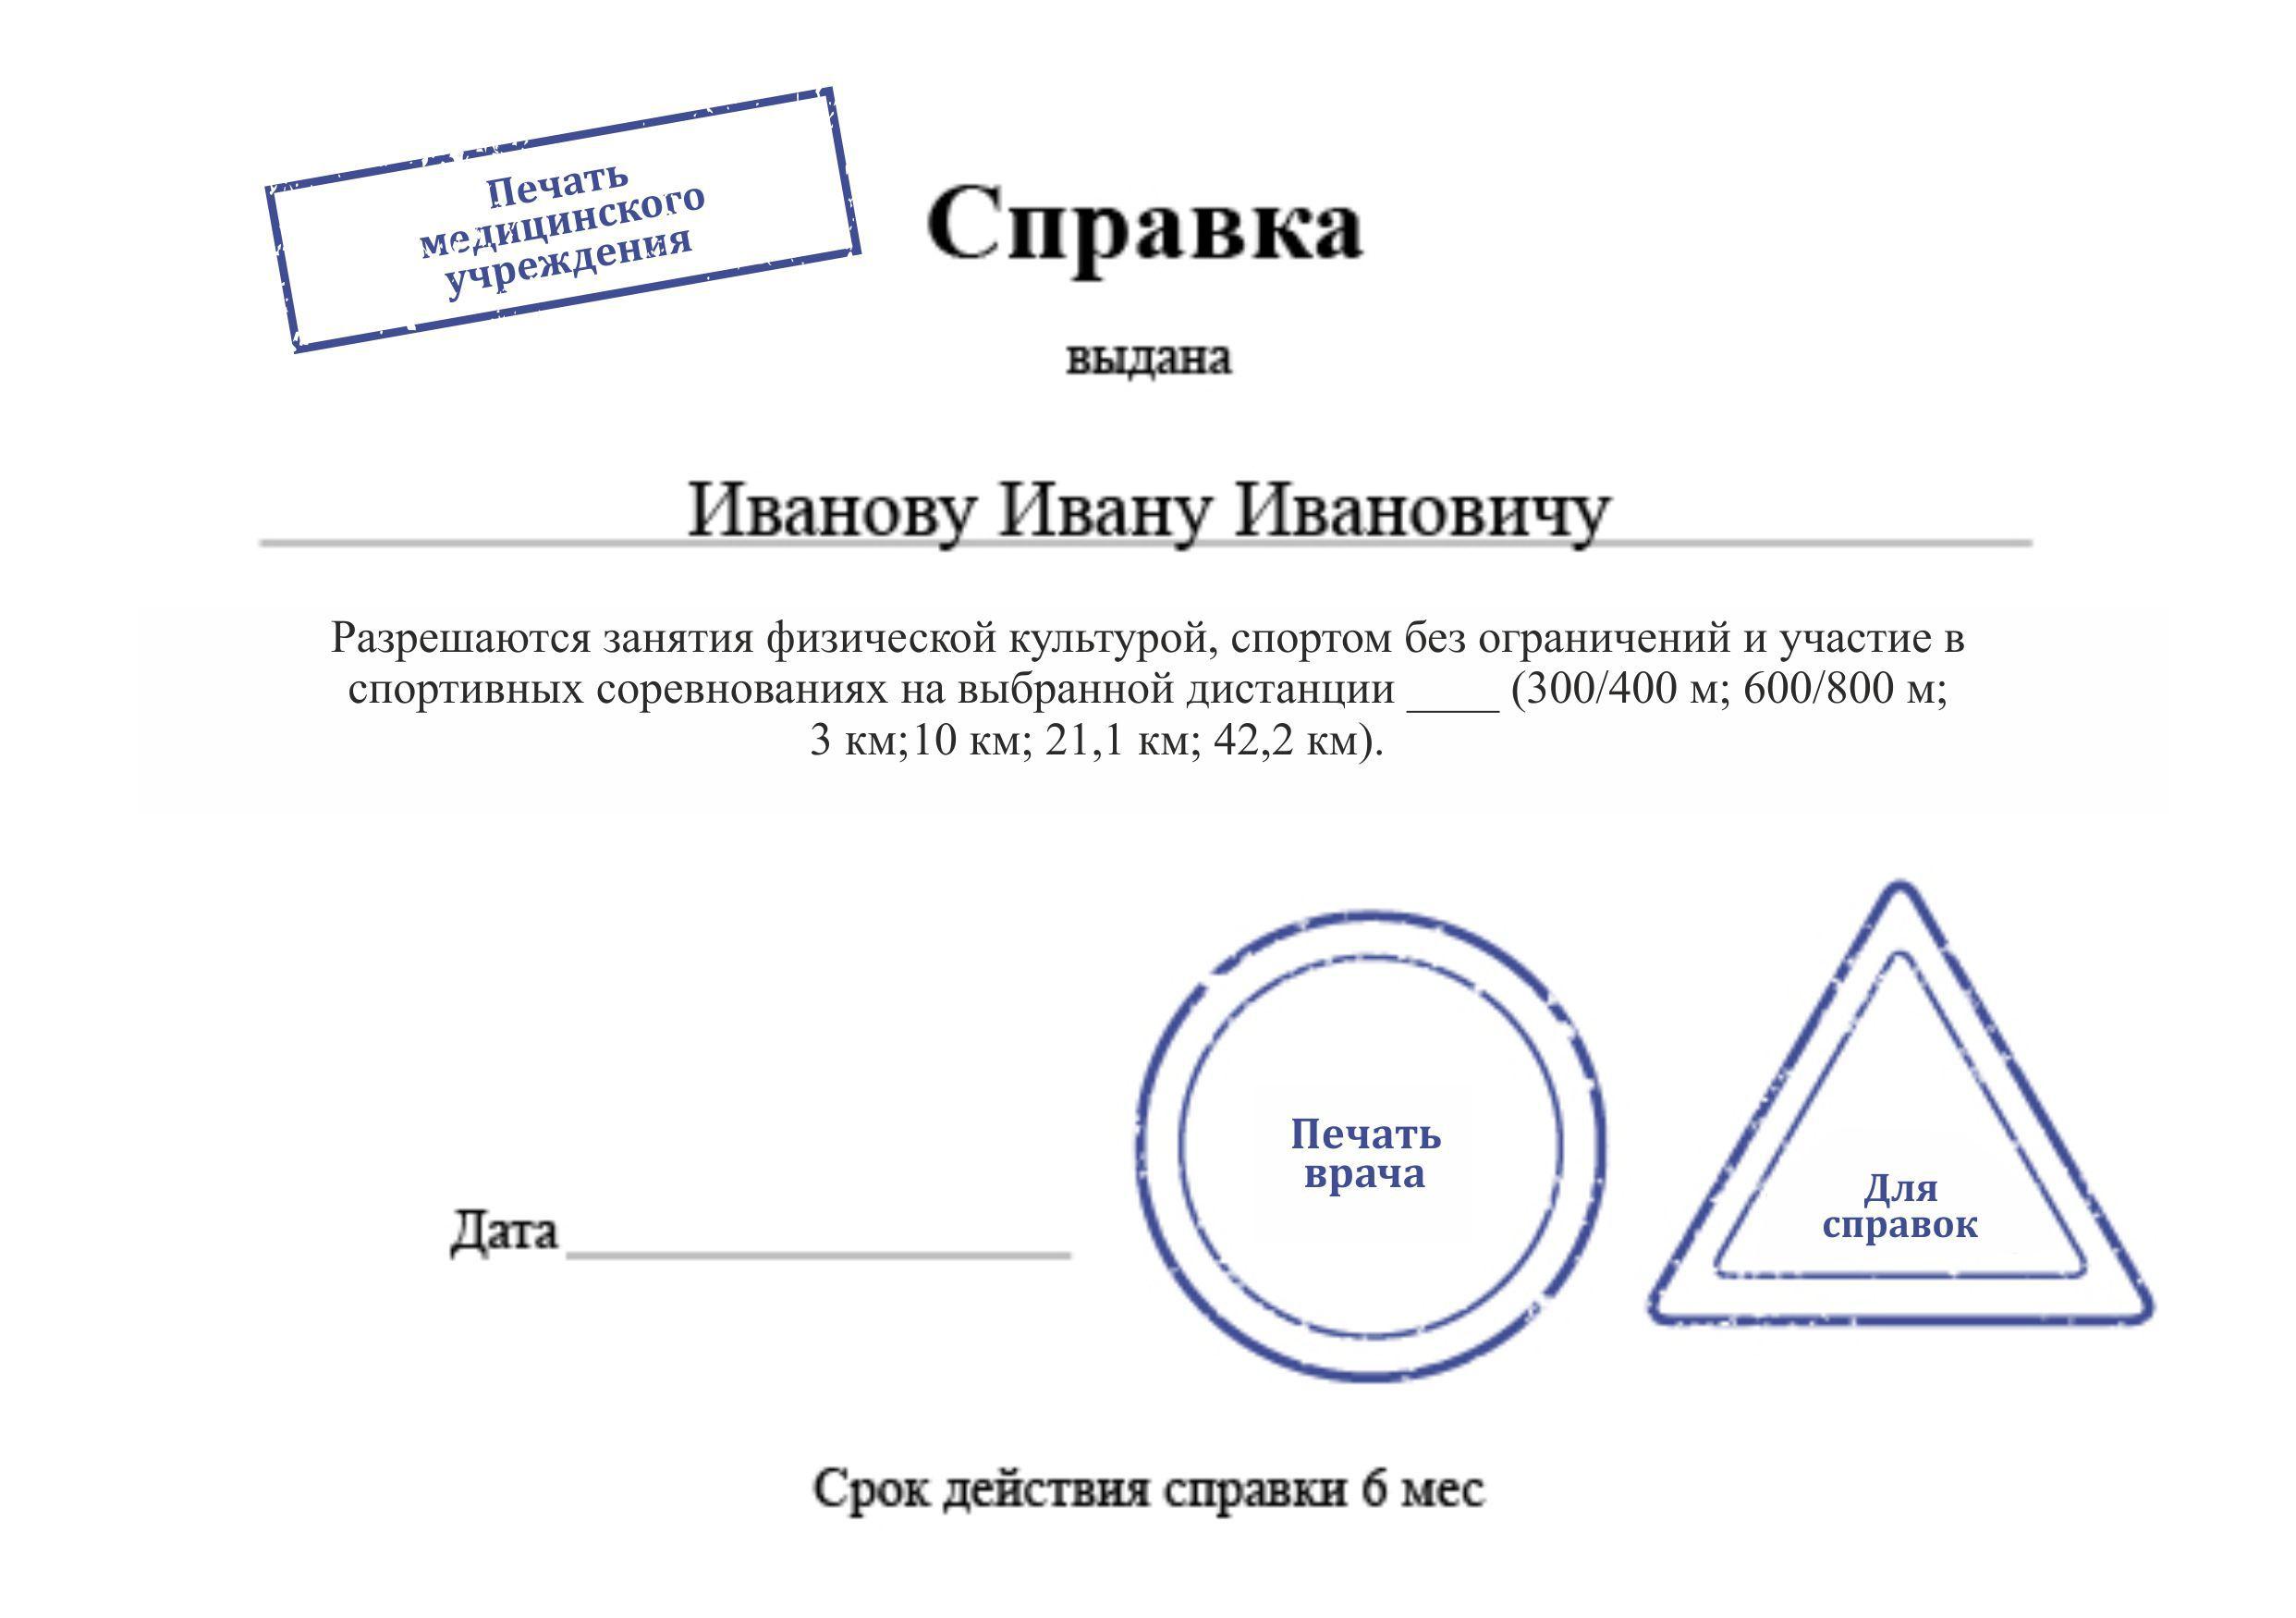 Образец справки медицинской организации с подписью и печатью врача